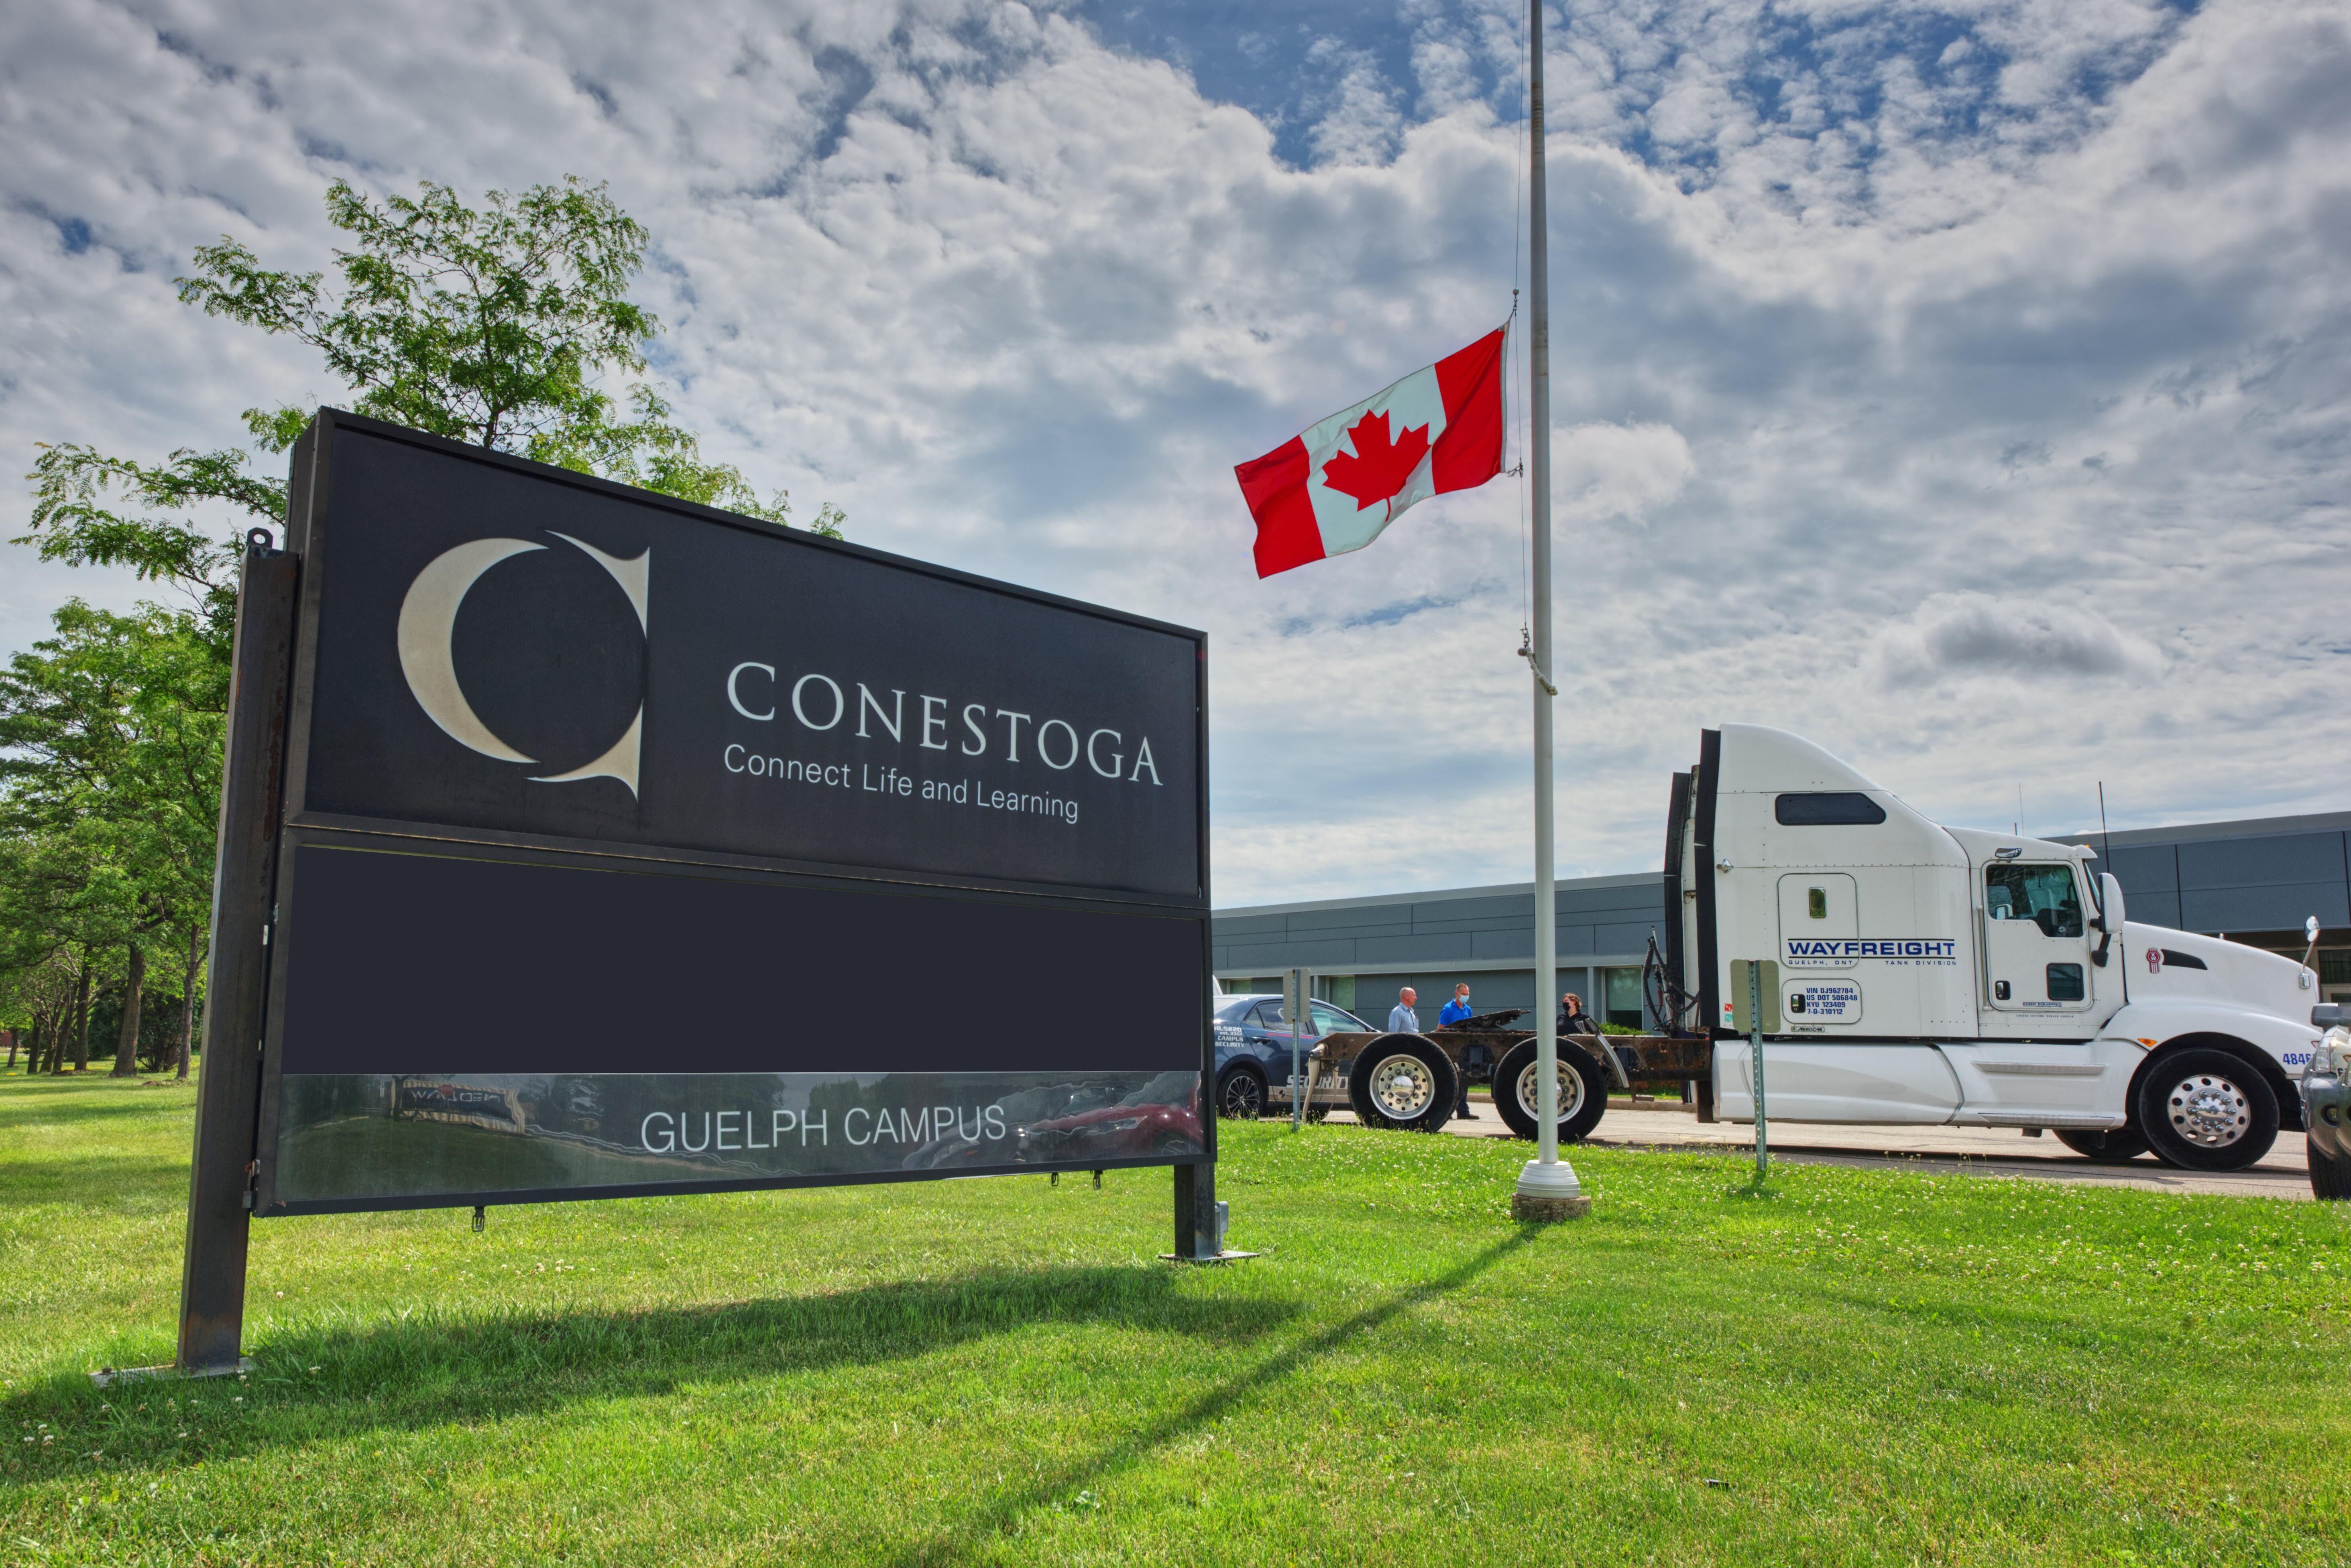 Conestoga College - Wayfreight truck.jpg